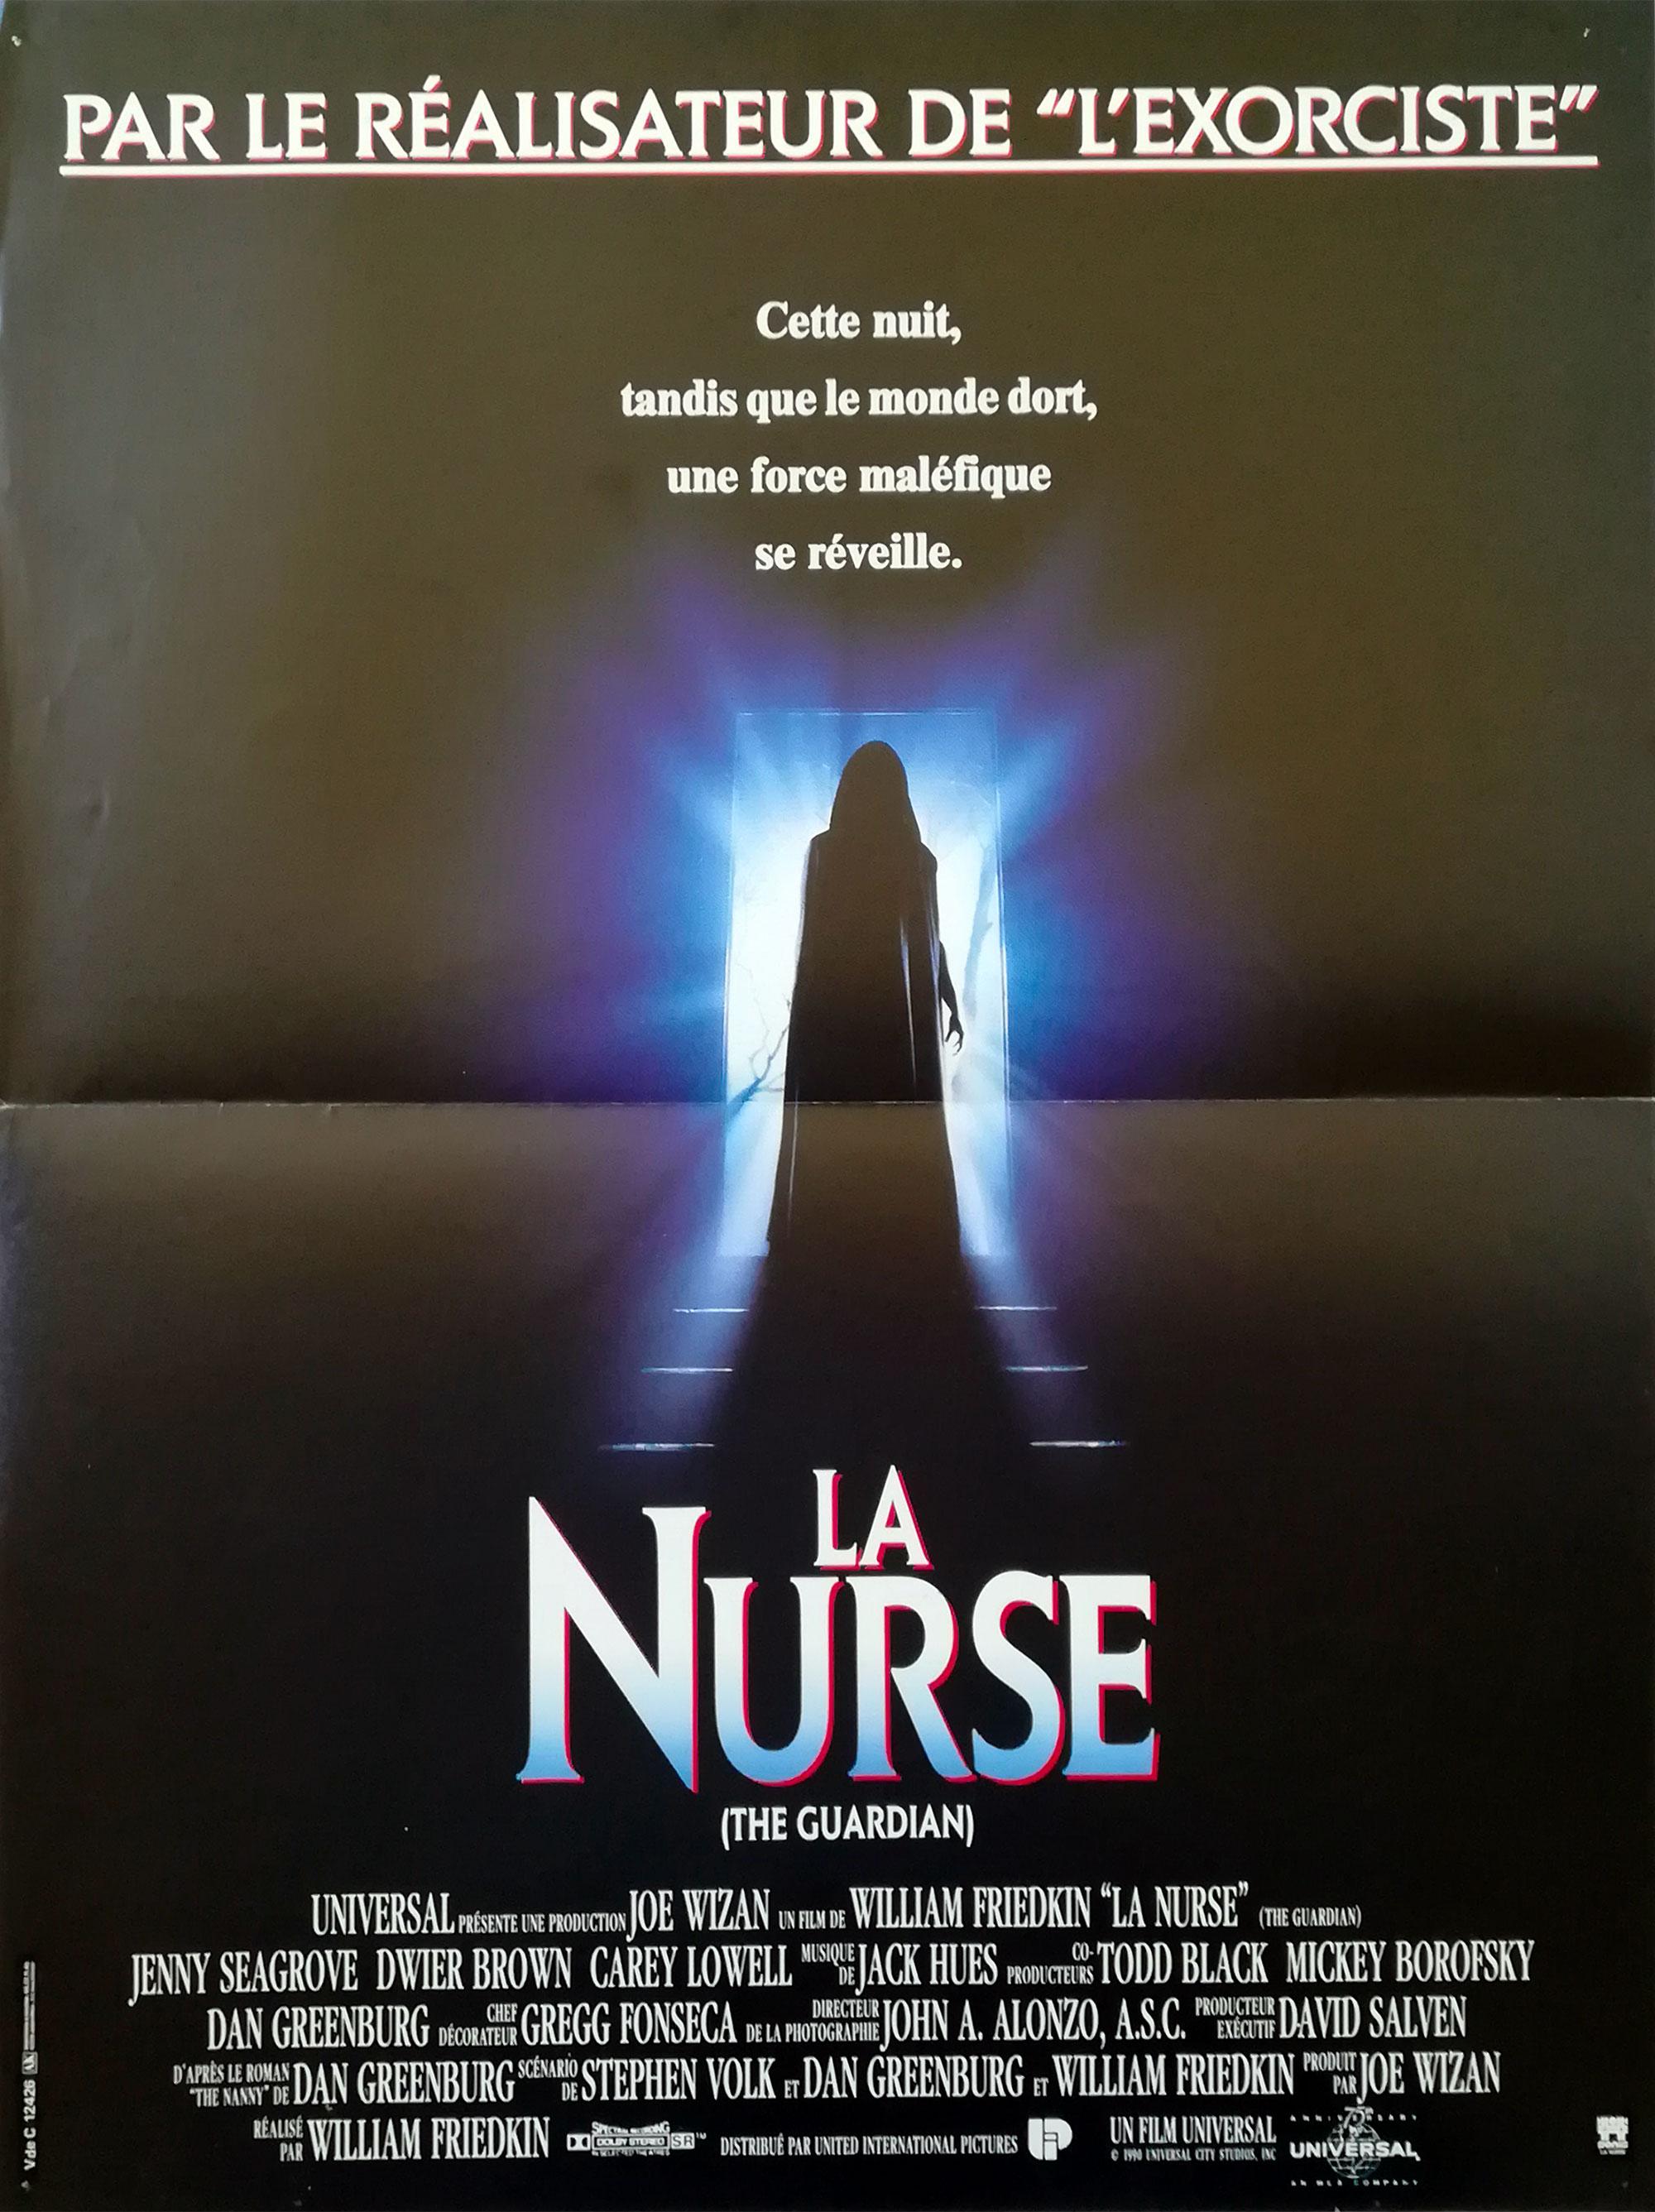 affiche du film La nurse